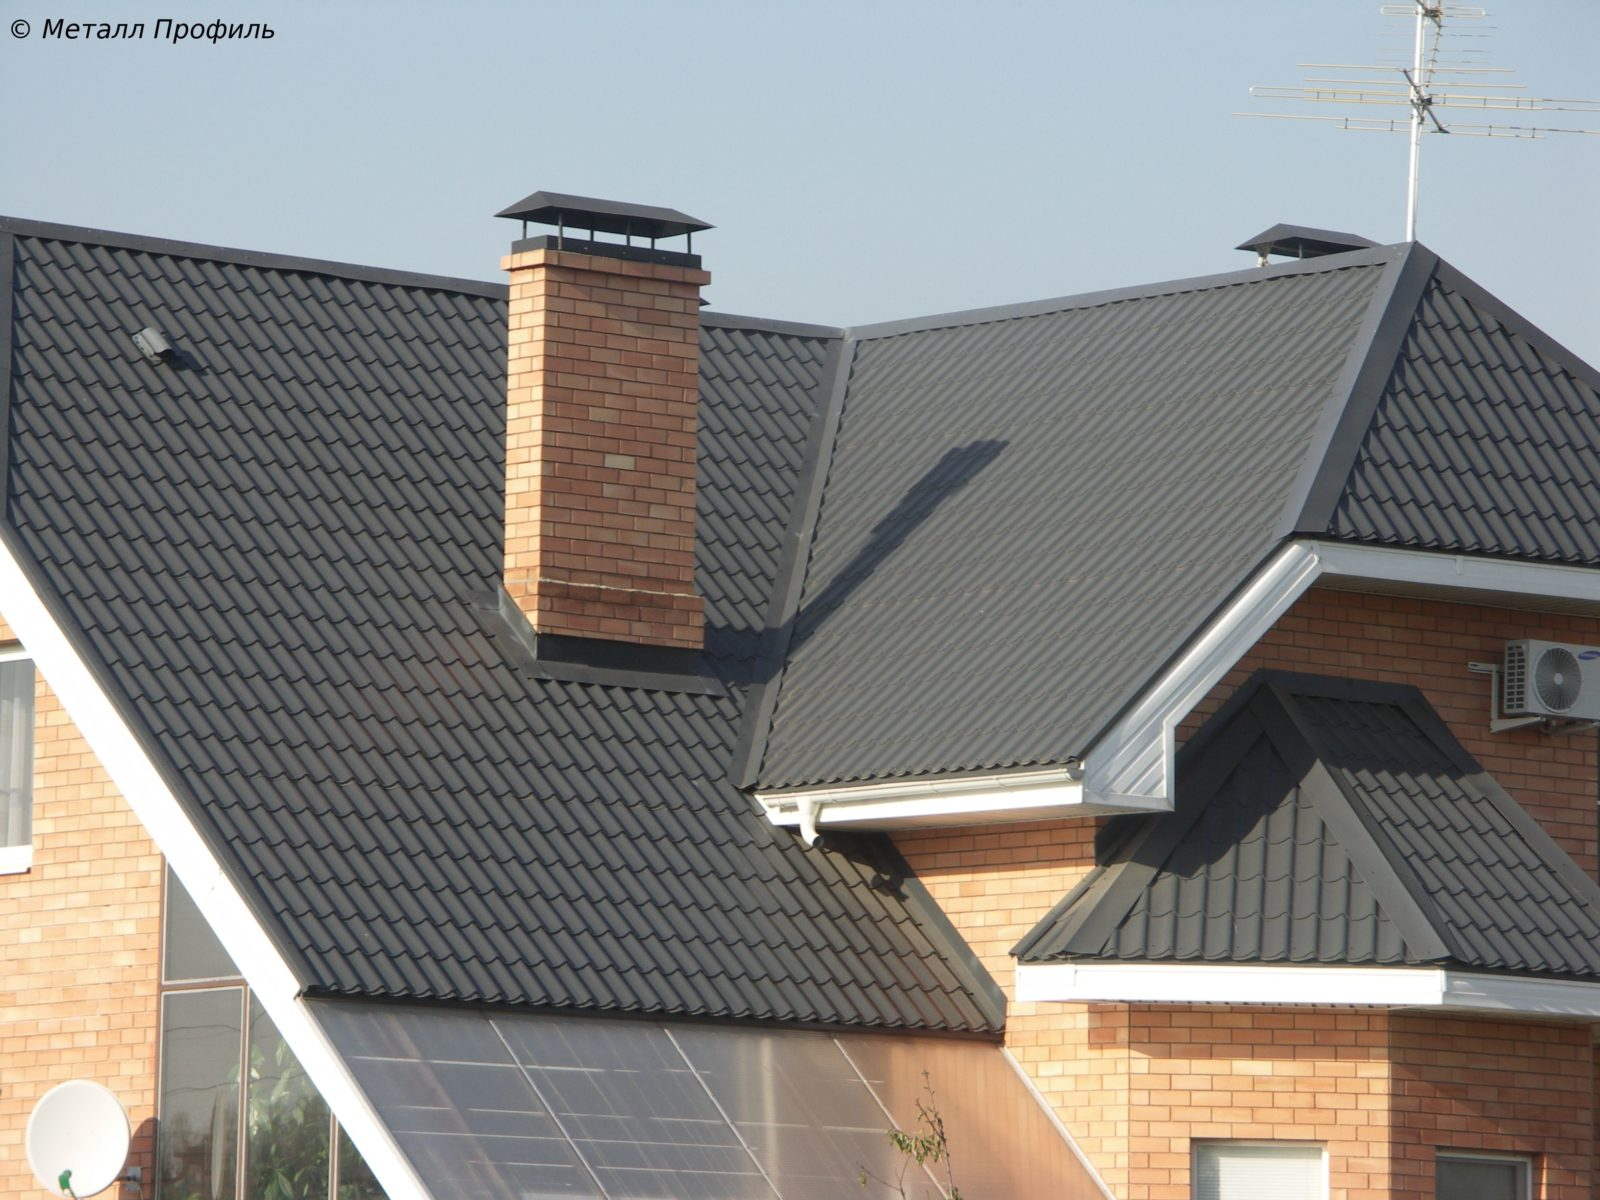 [:ua]Кошторис на ремонт даху[:ru]Смета на ремонт крыши[:]